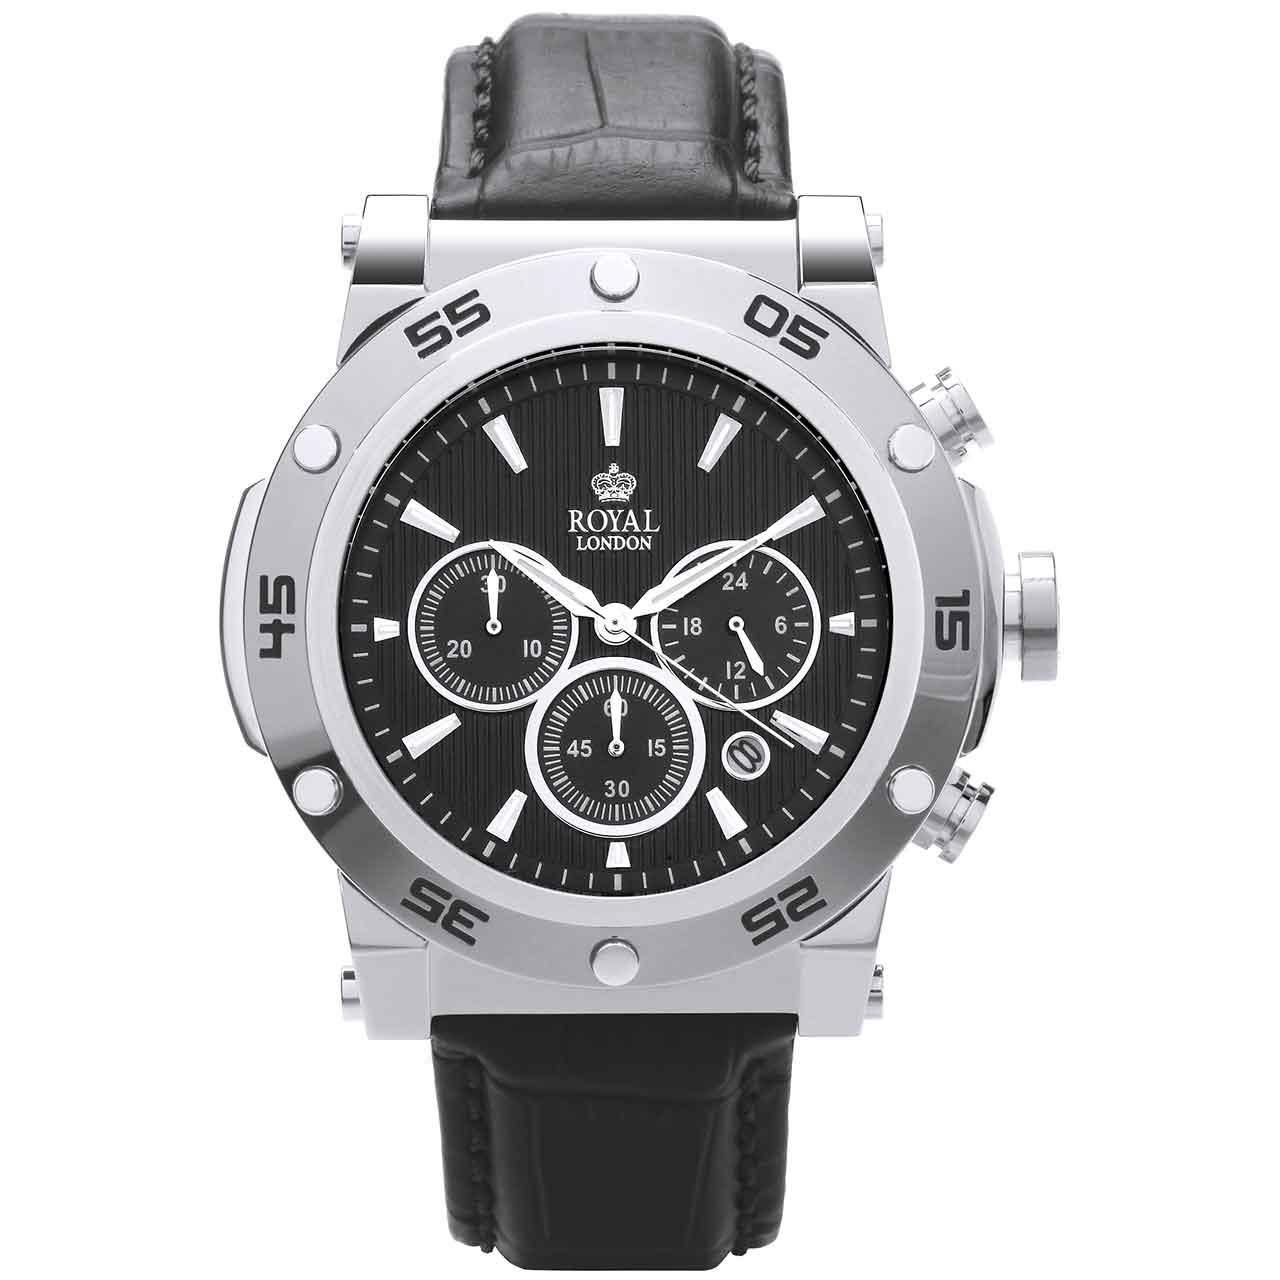 ساعت مچی عقربه ای مردانه رویال لندن مدل RL-41304-01